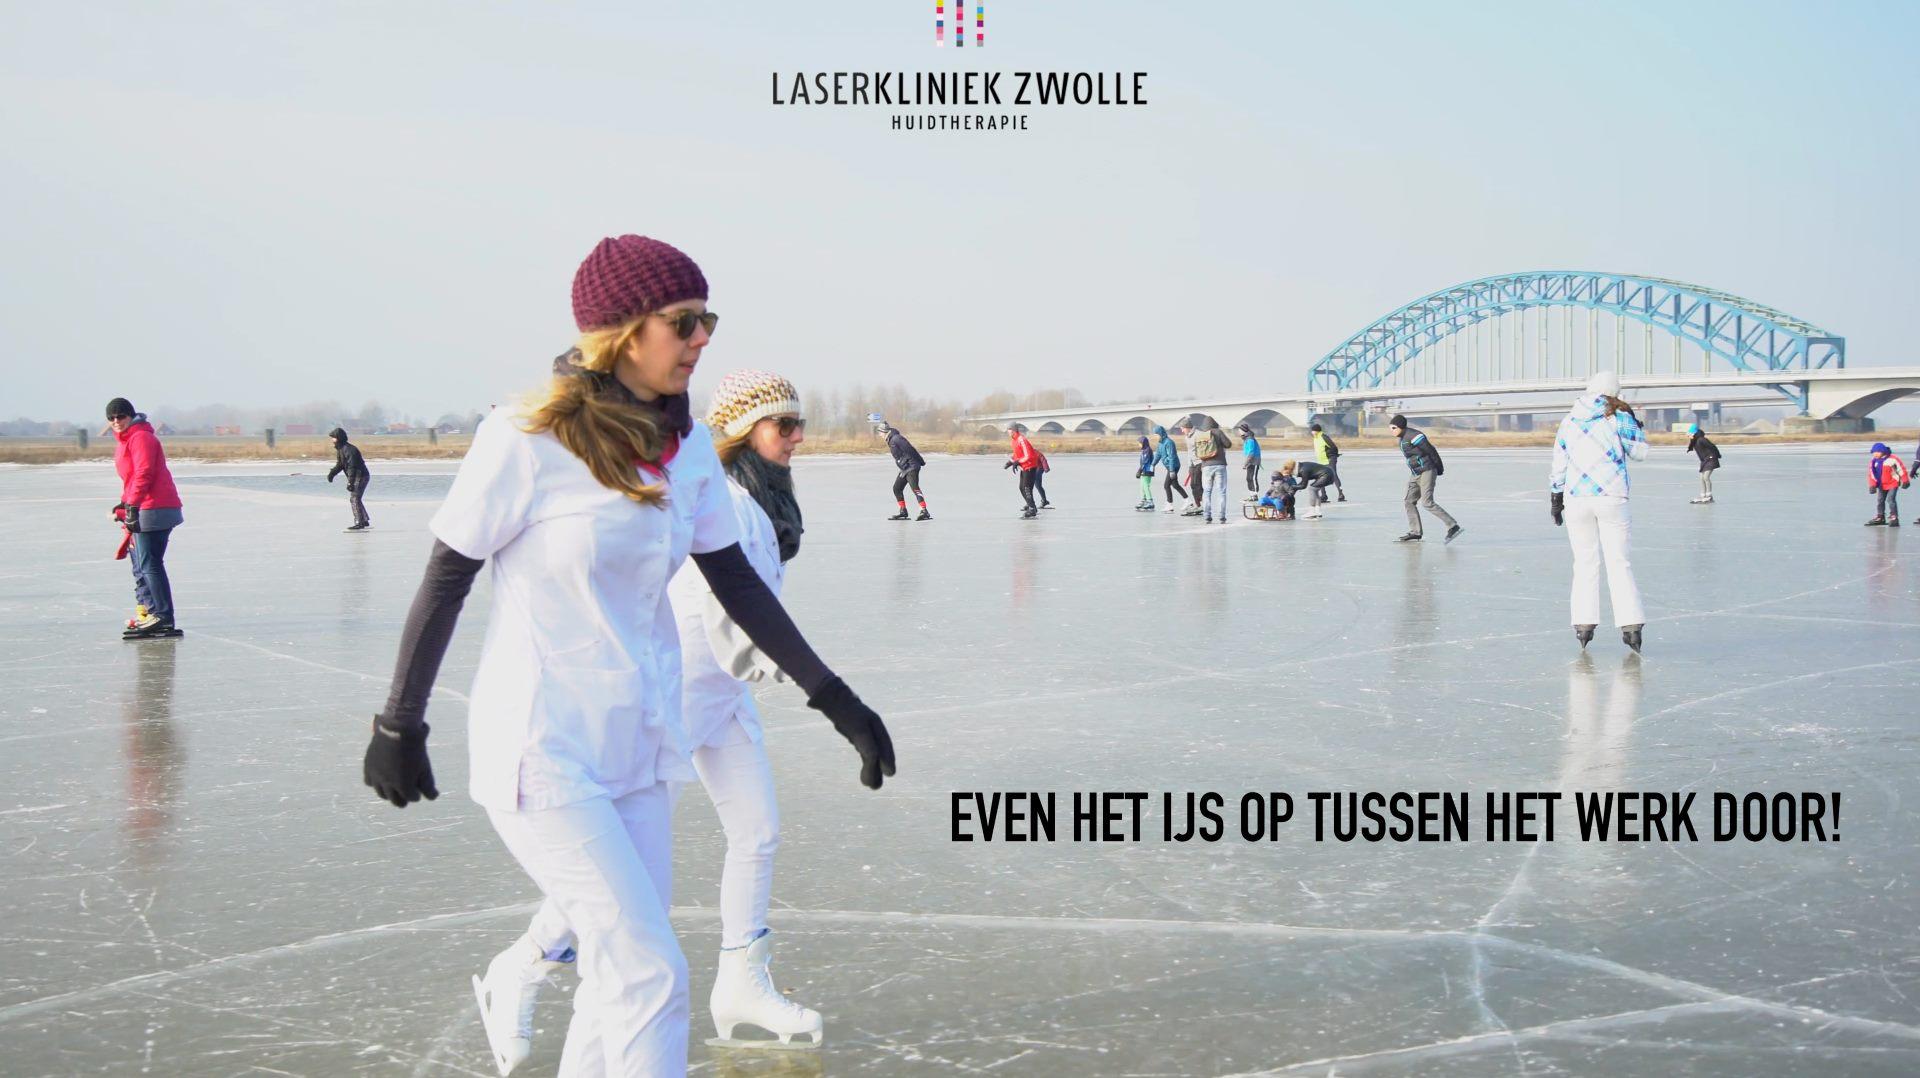 Daarom nu bij Laserkliniek Zwolle de voorjaarsactie laserontharing.